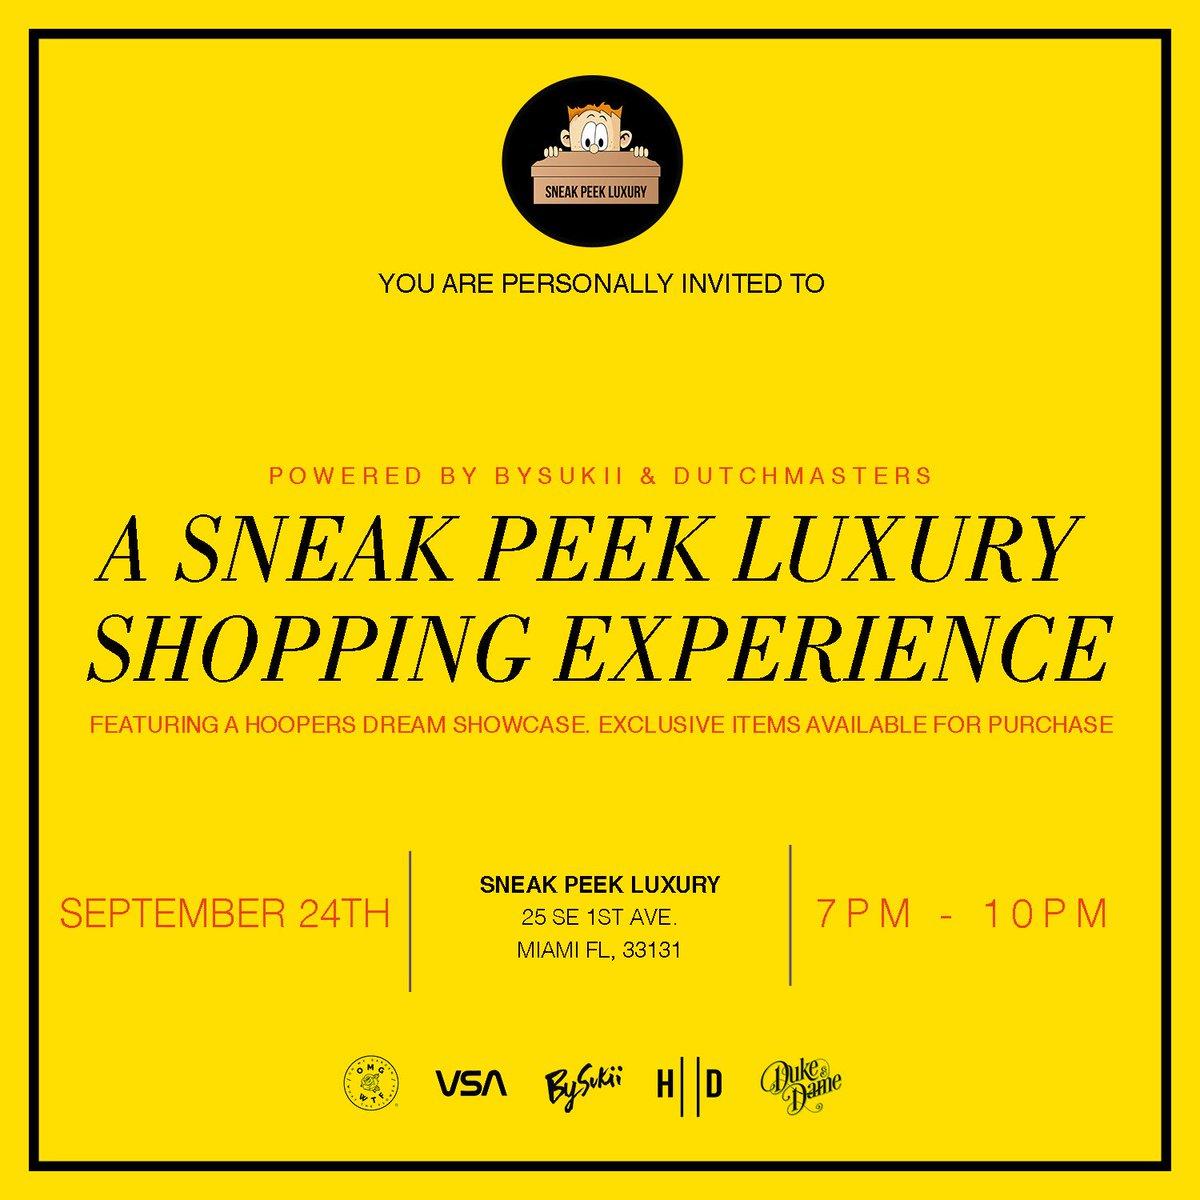 2c8d7114030 Sneak Peek Luxury (@sneakpeekluxury) | Twitter